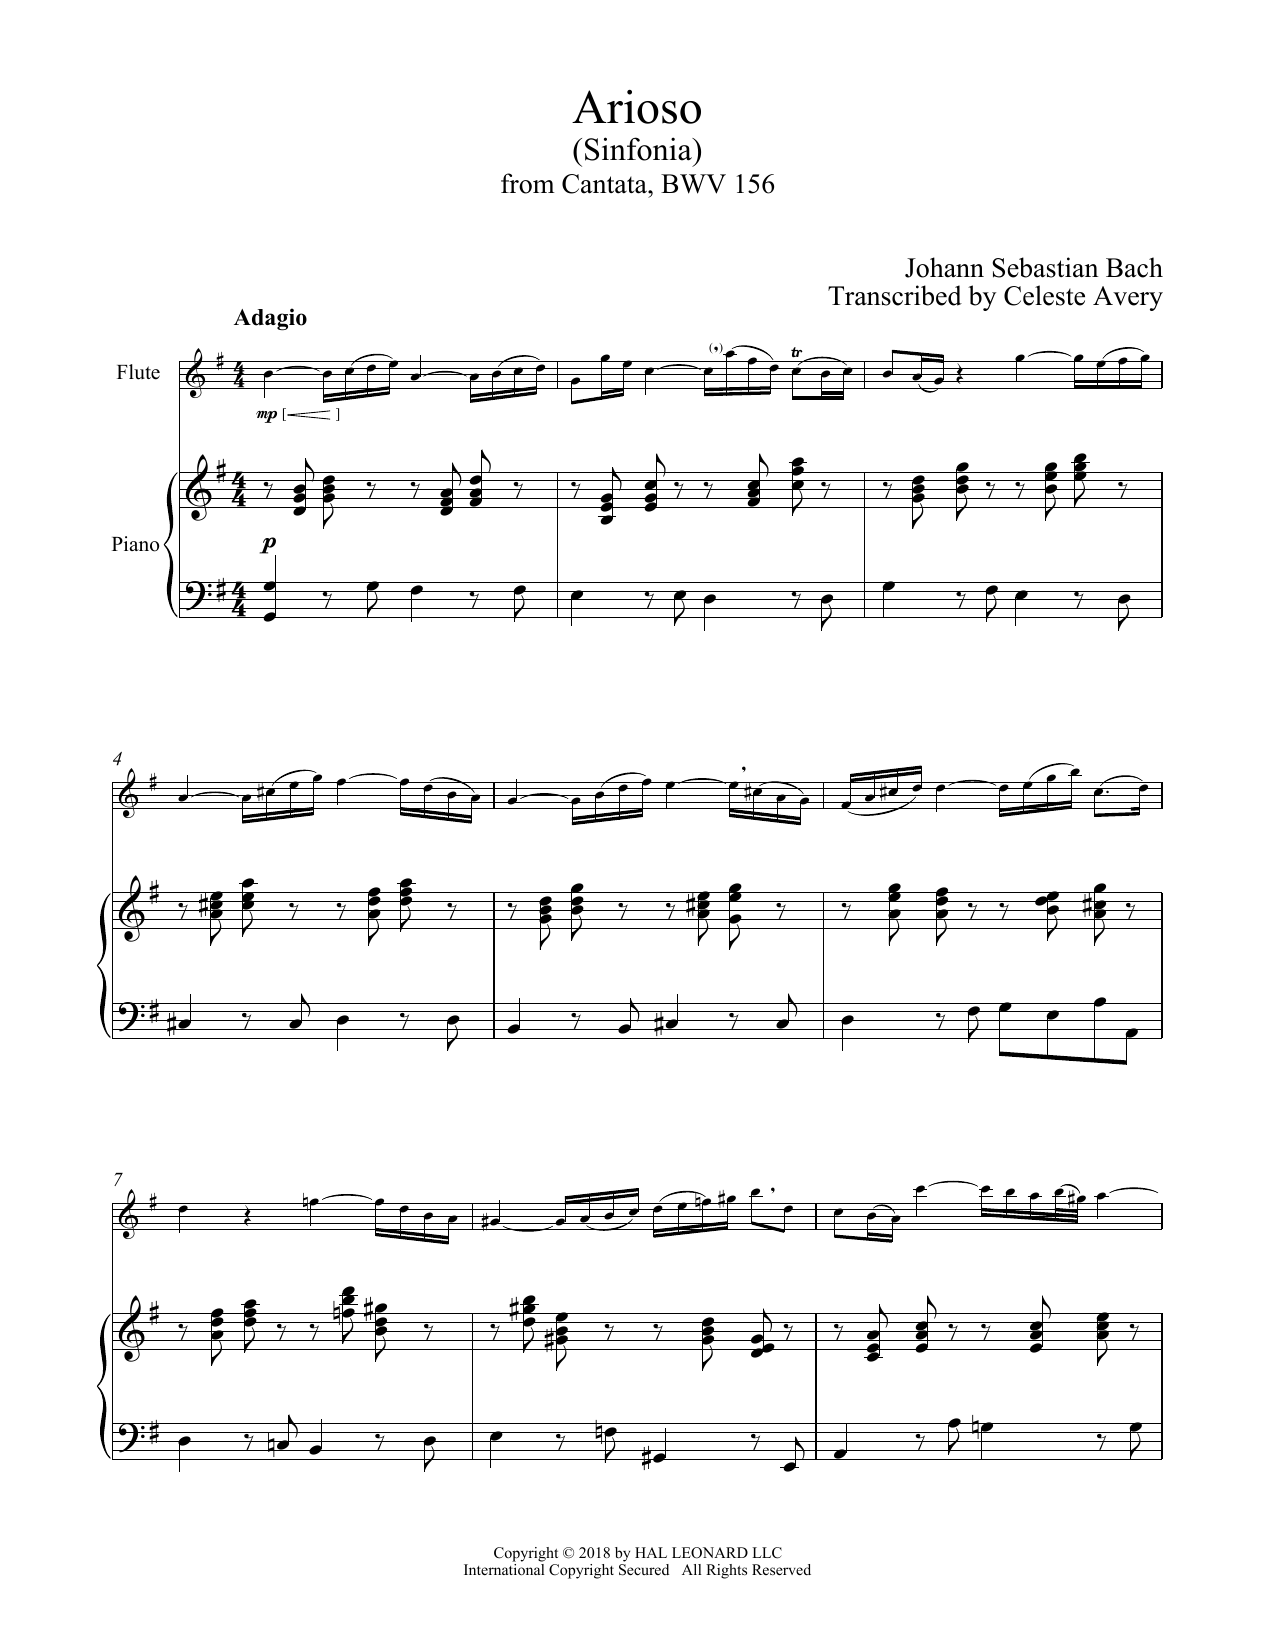 Arioso (Flute and Piano)